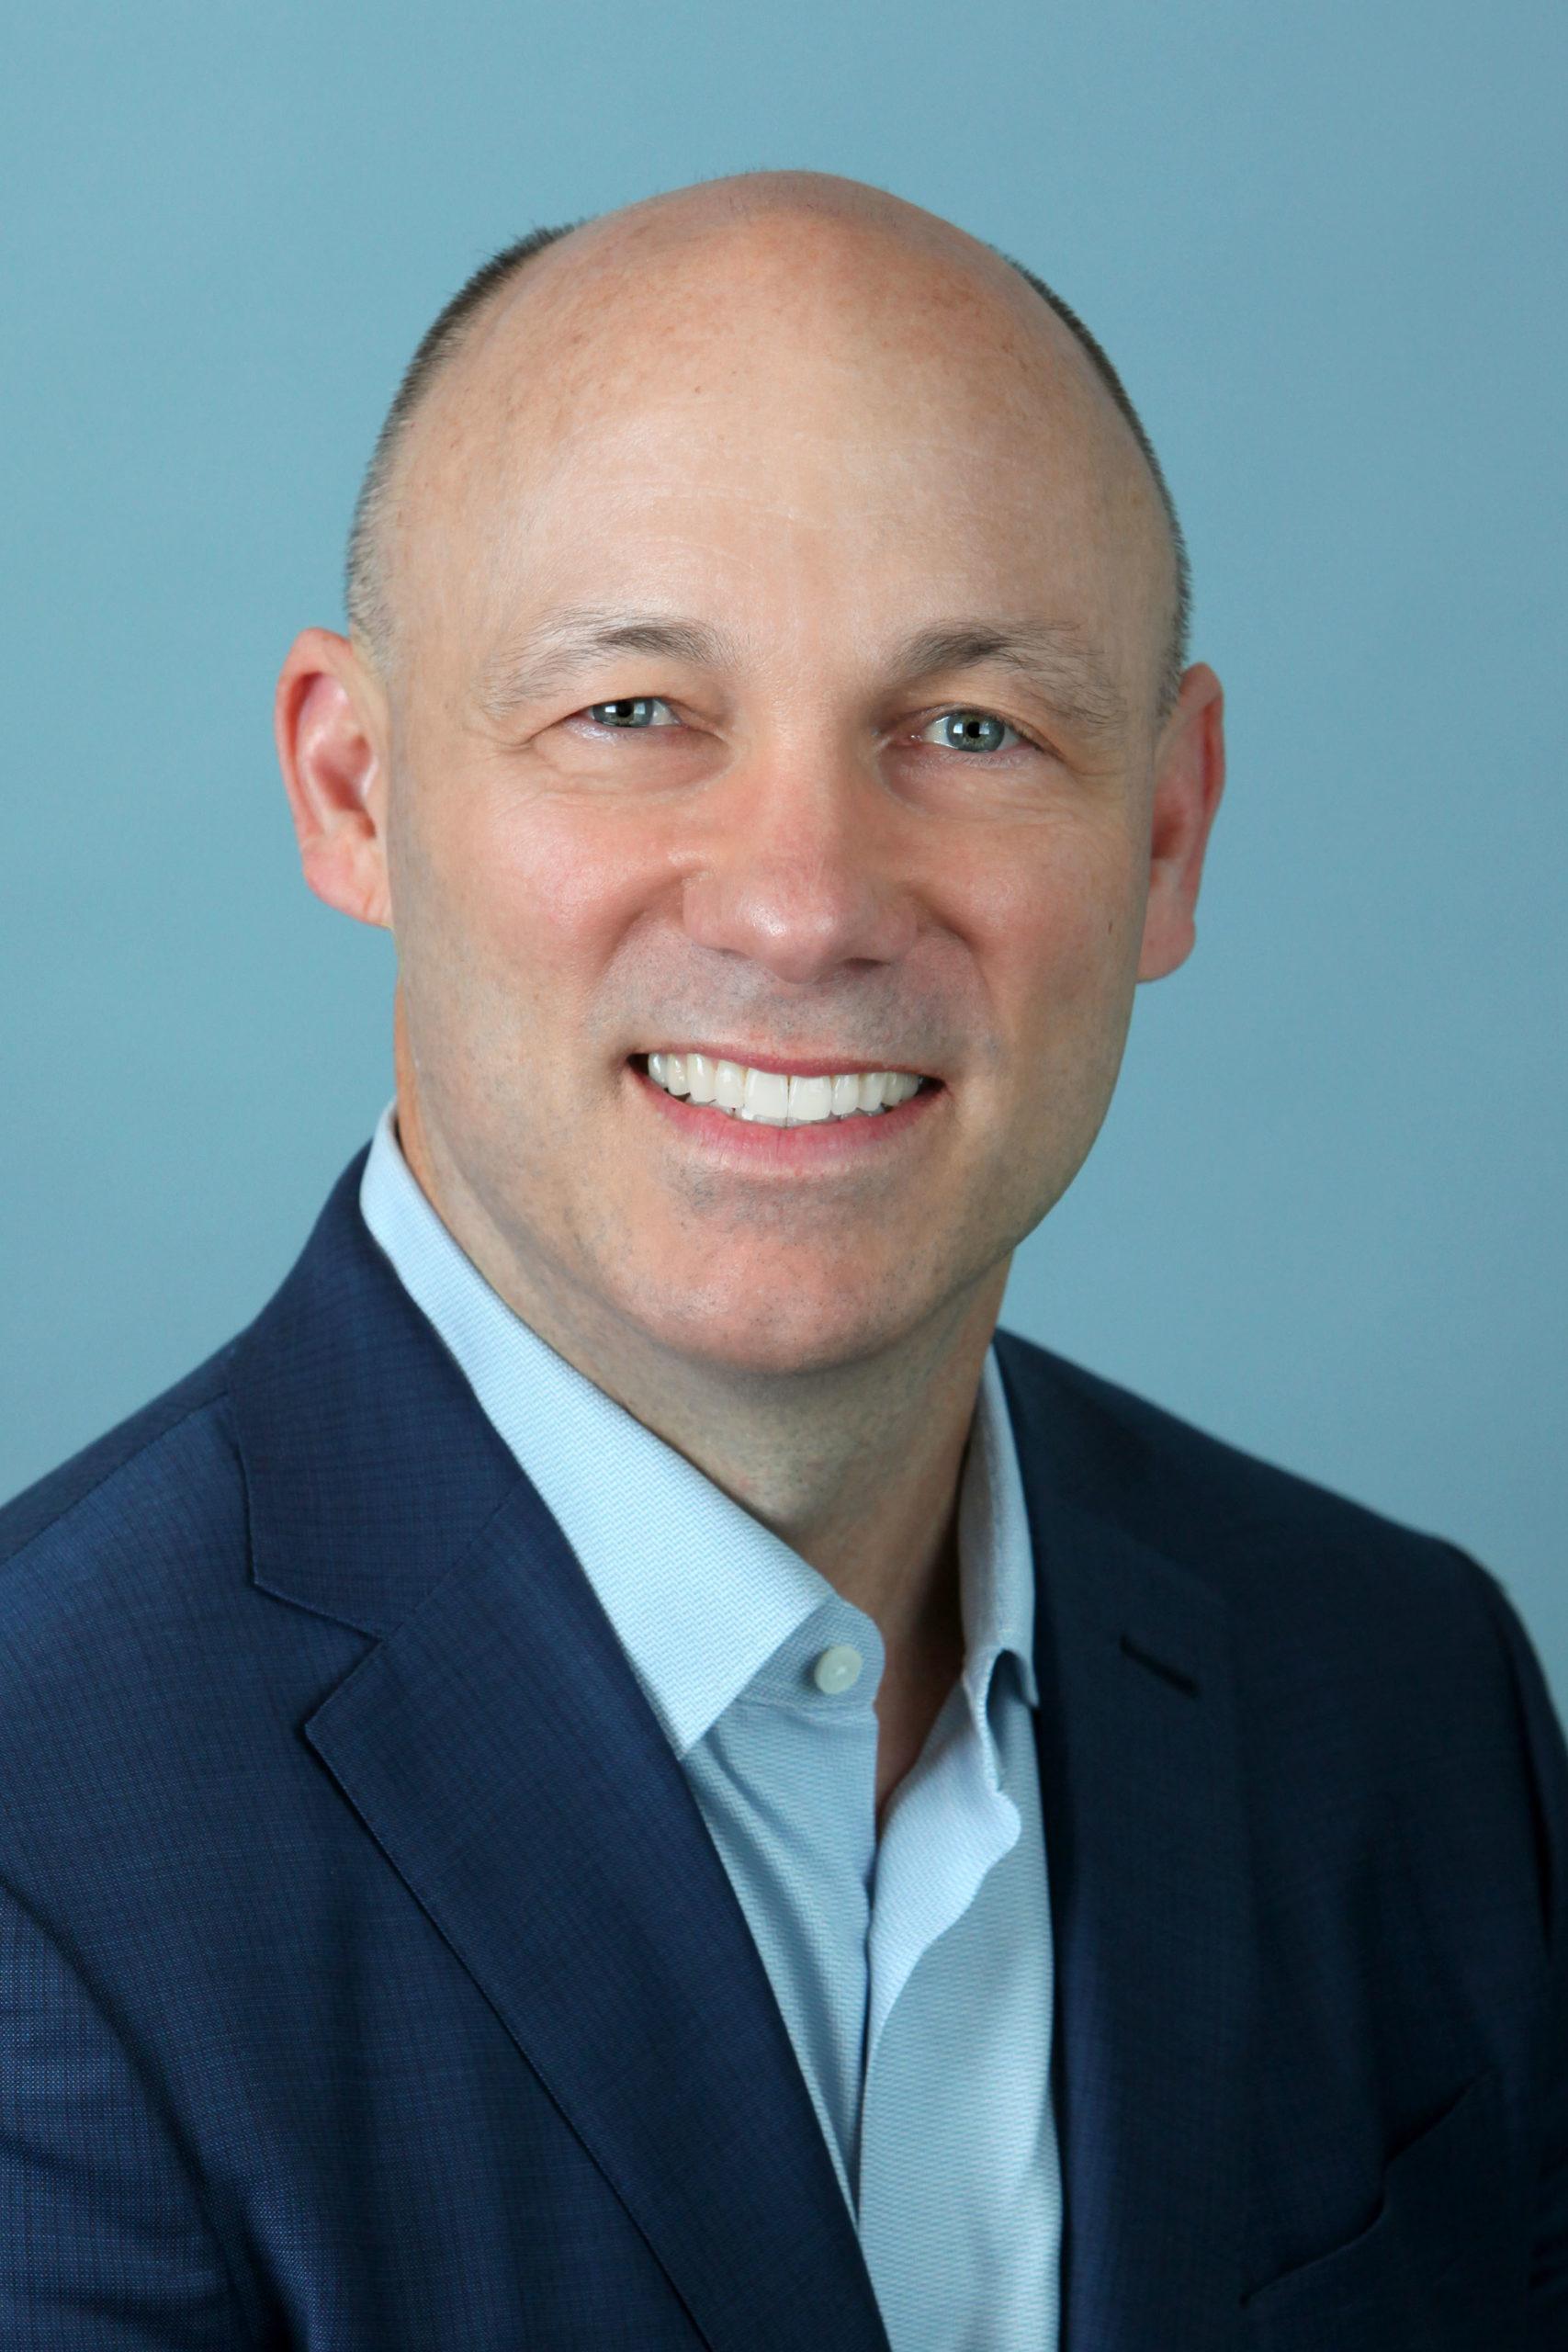 Eldon Mayer III, MBA